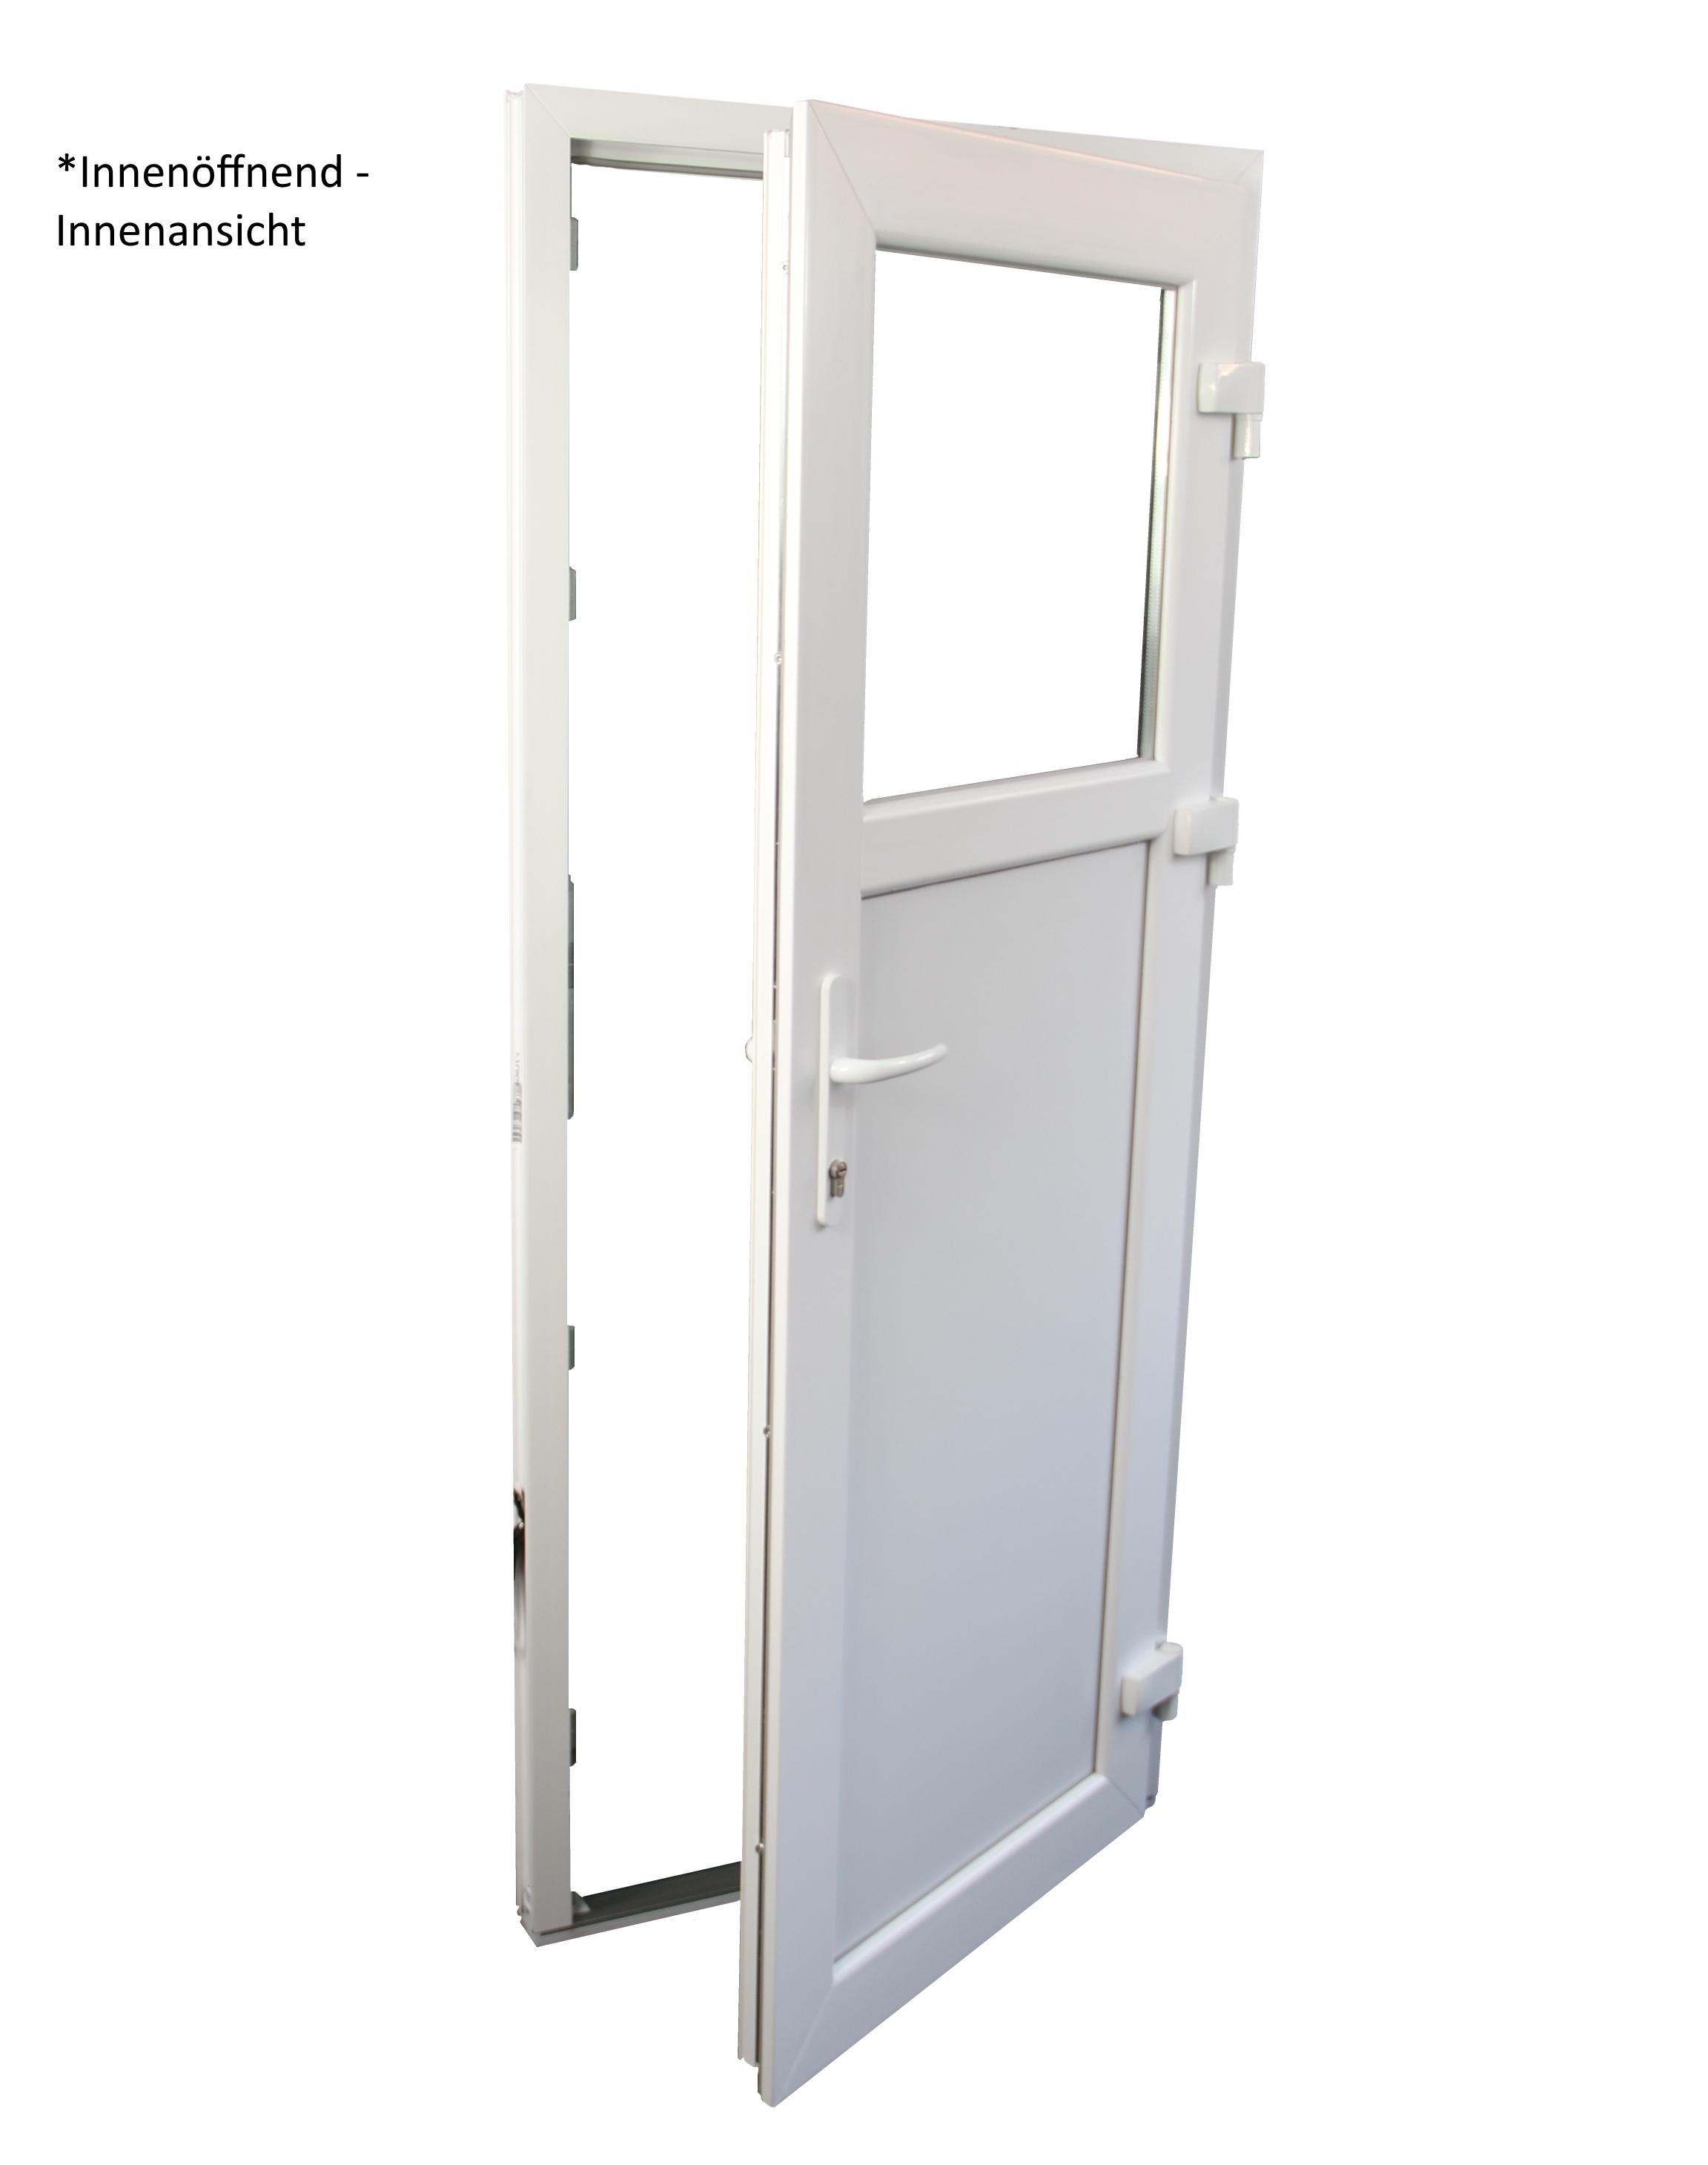 DIN Rechts verschiedene Ma/ße 90 x 190 cm wei/ß Innen/öffnend Nebeneingangst/ür mit Dr/ückergarnitur 2-fach-Verglasung